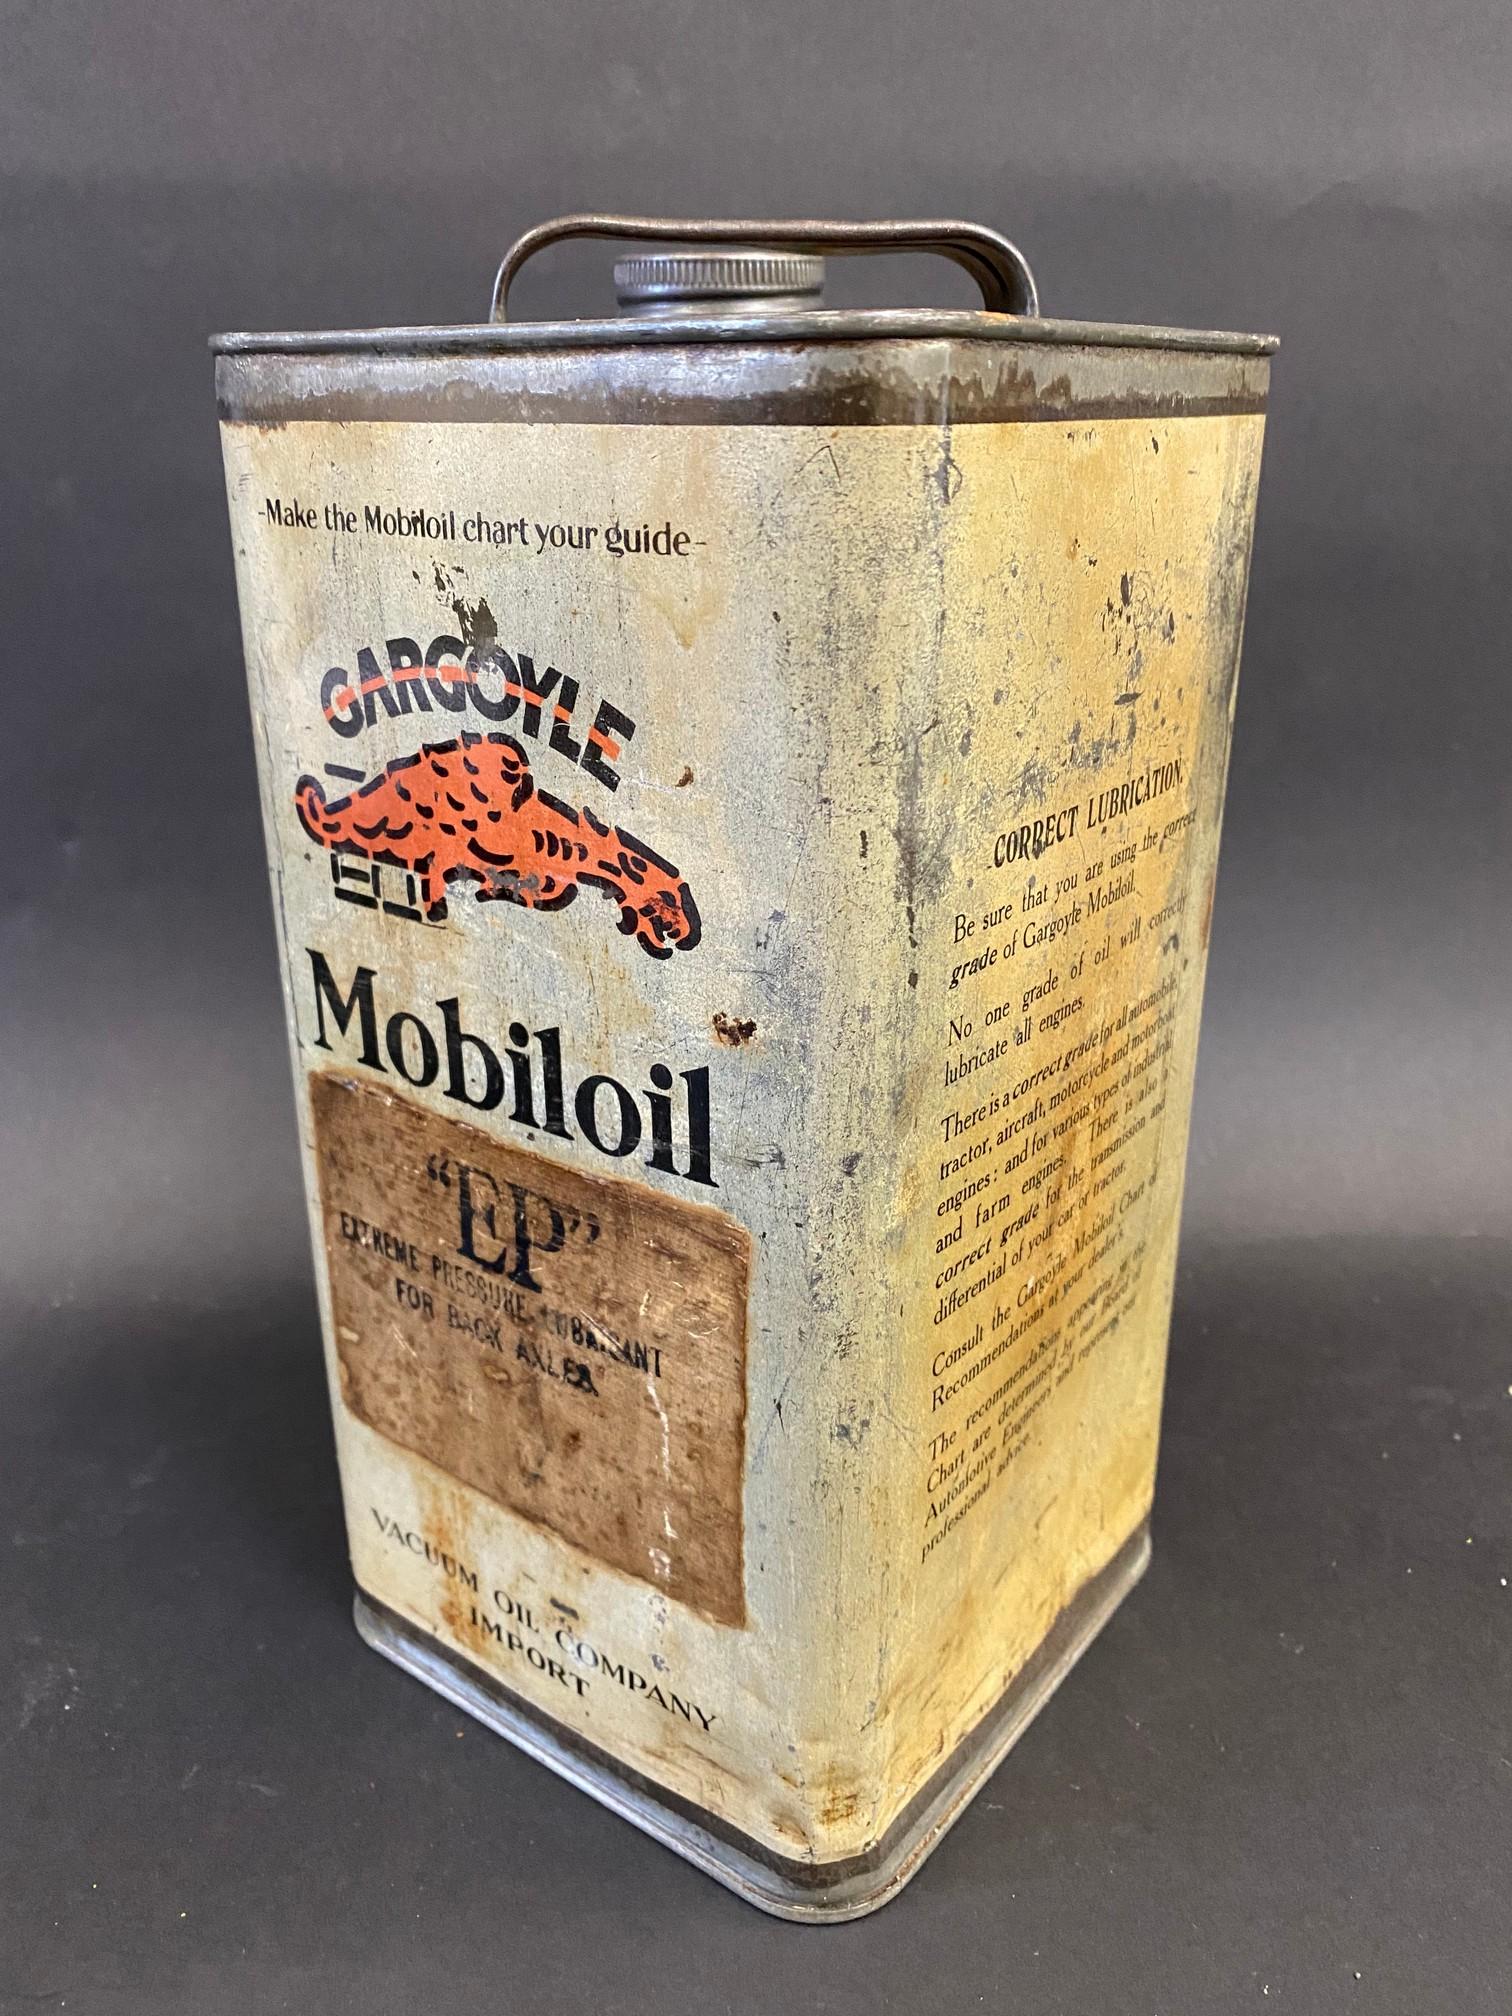 A Gargoyle Mobiloil E.P. grade (Extreme Pressure Lubricant) square gallon can.